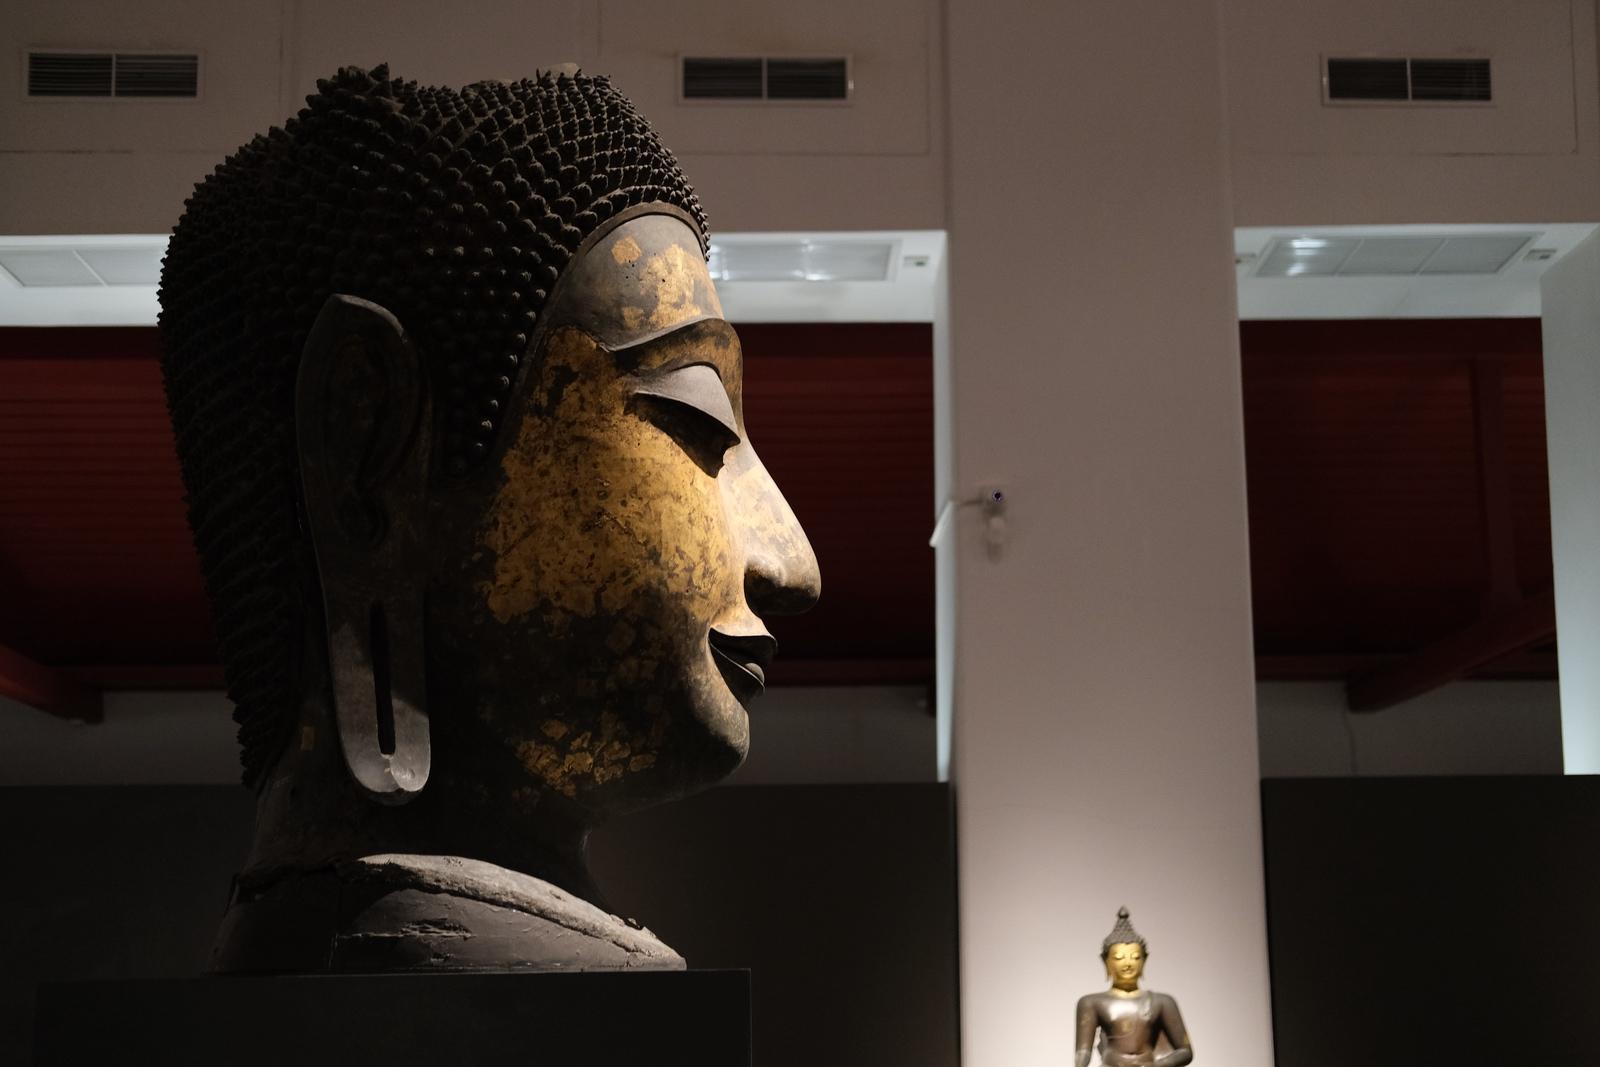 ブッダの仏像の横顔